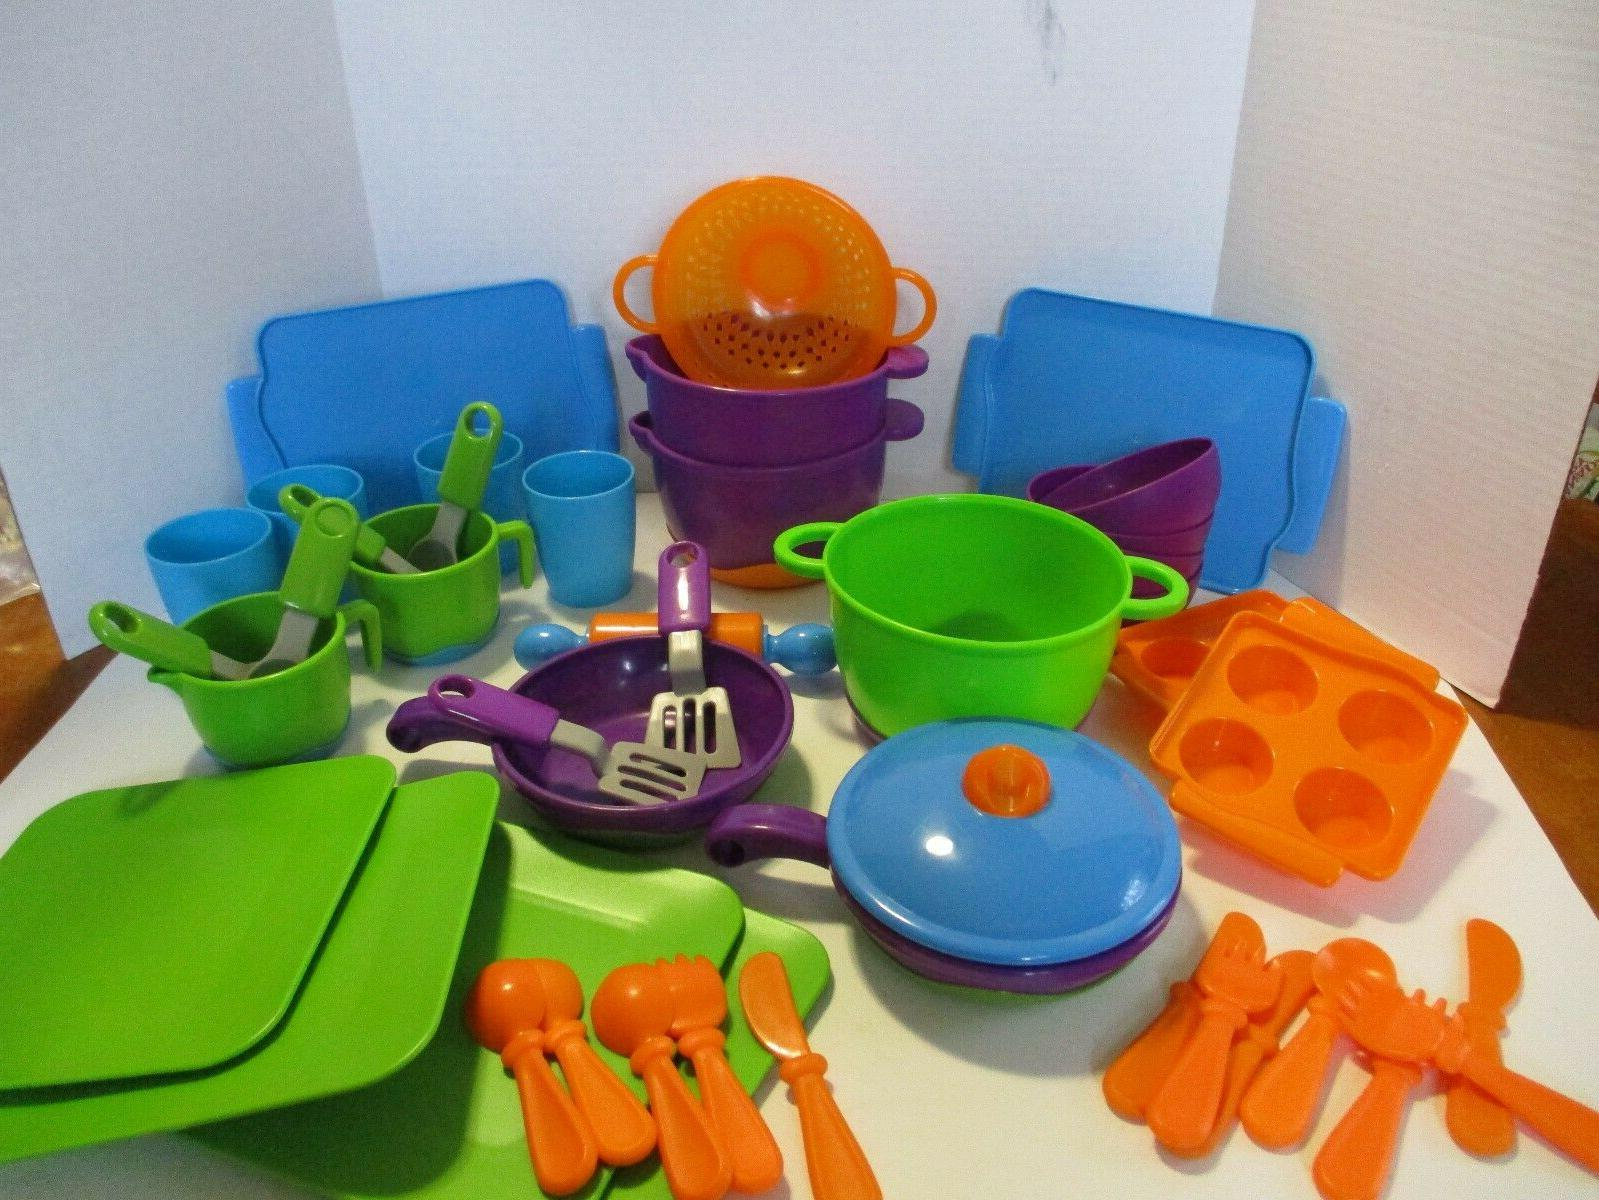 inc ler9257 cooking play set 44 piece